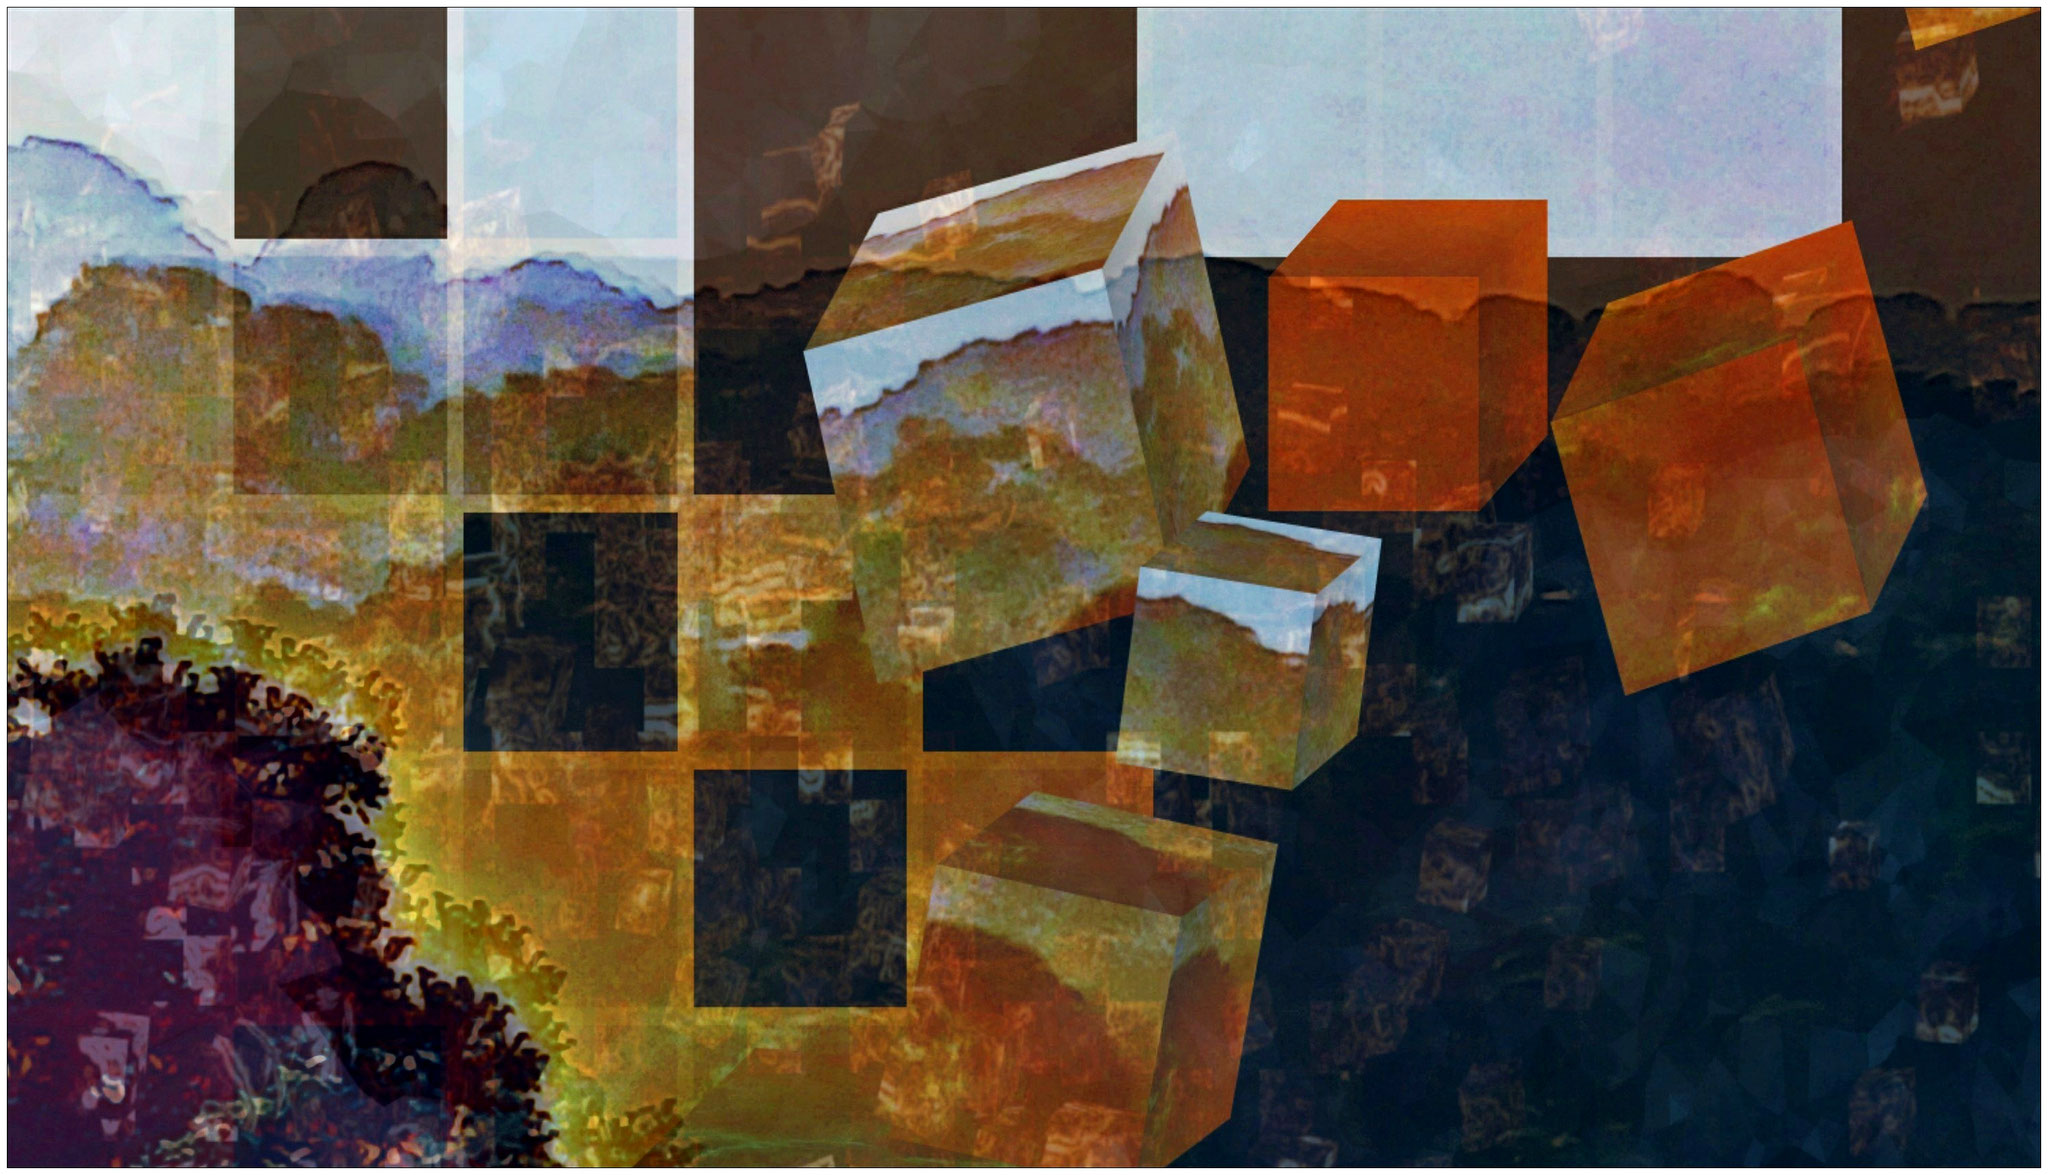 Die Bausteine der Erinnerung, digitale Bearbeitung eigenen Fotos